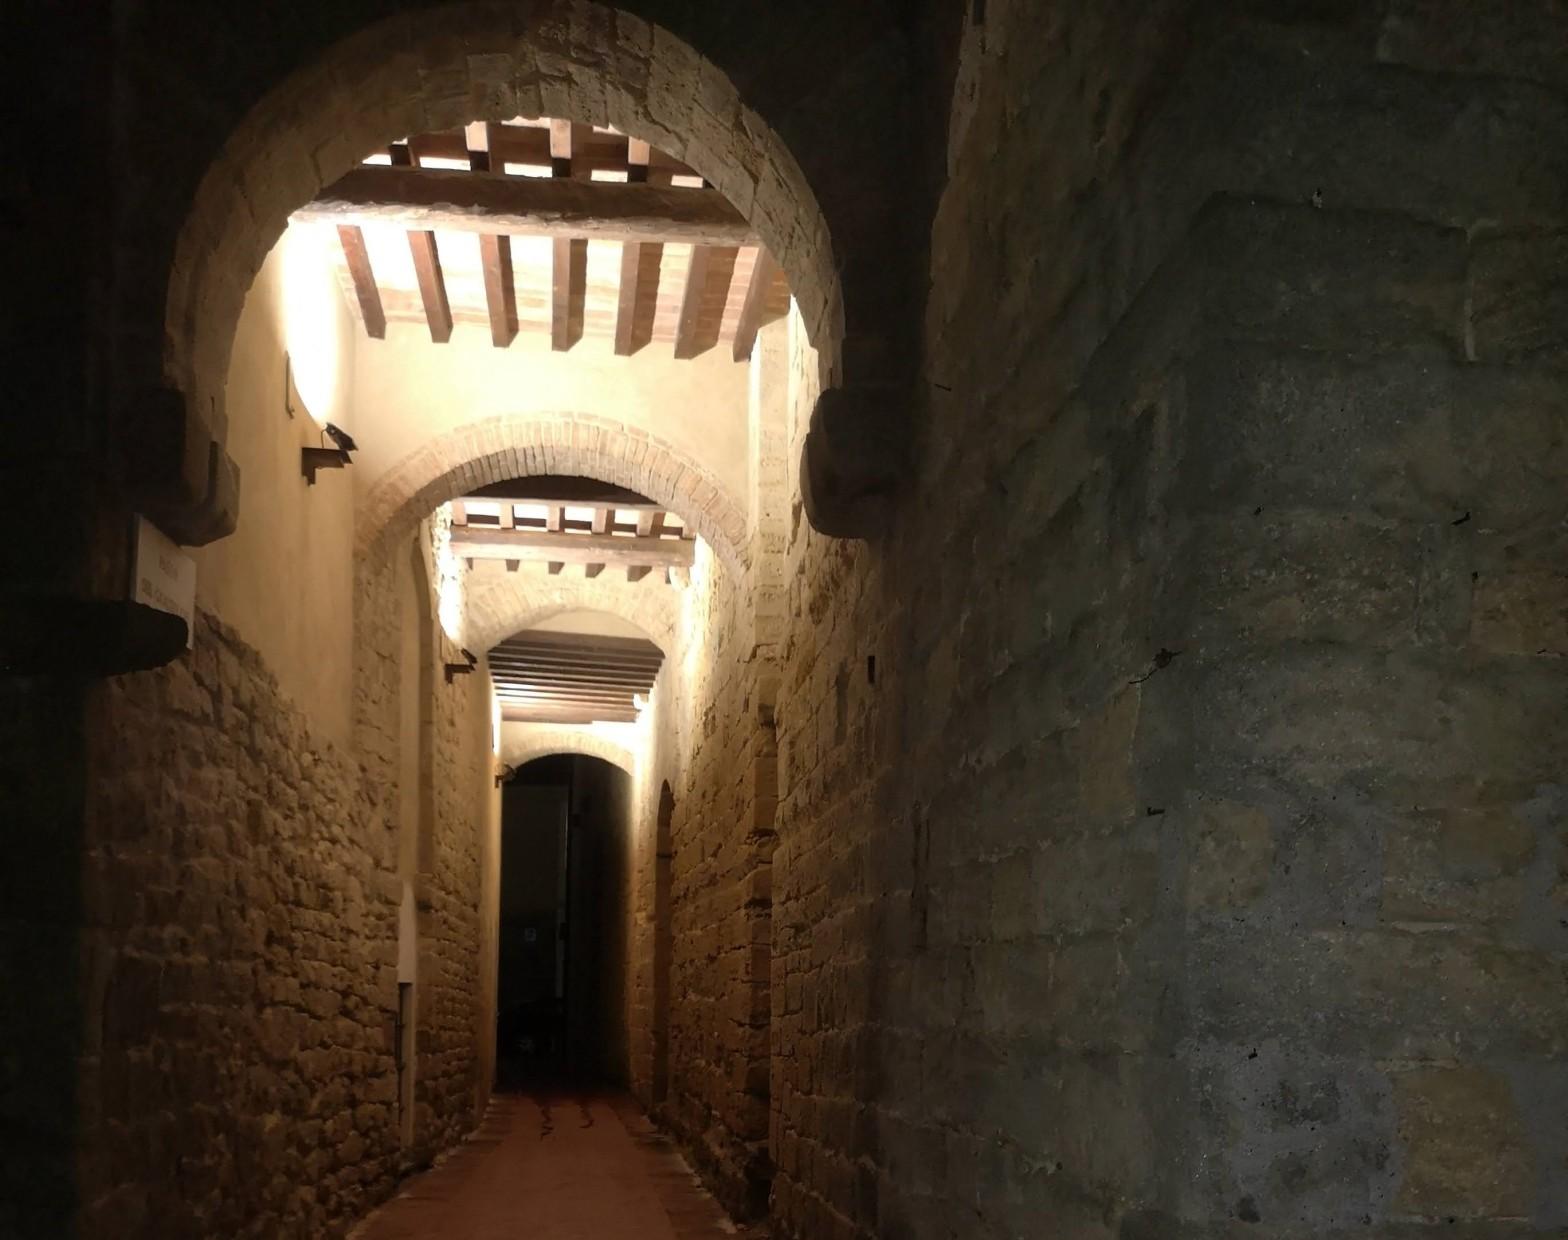 un vicolo coperto chiamato Passo del Gualduccio, vicino alla Pinacoteca di Volterra